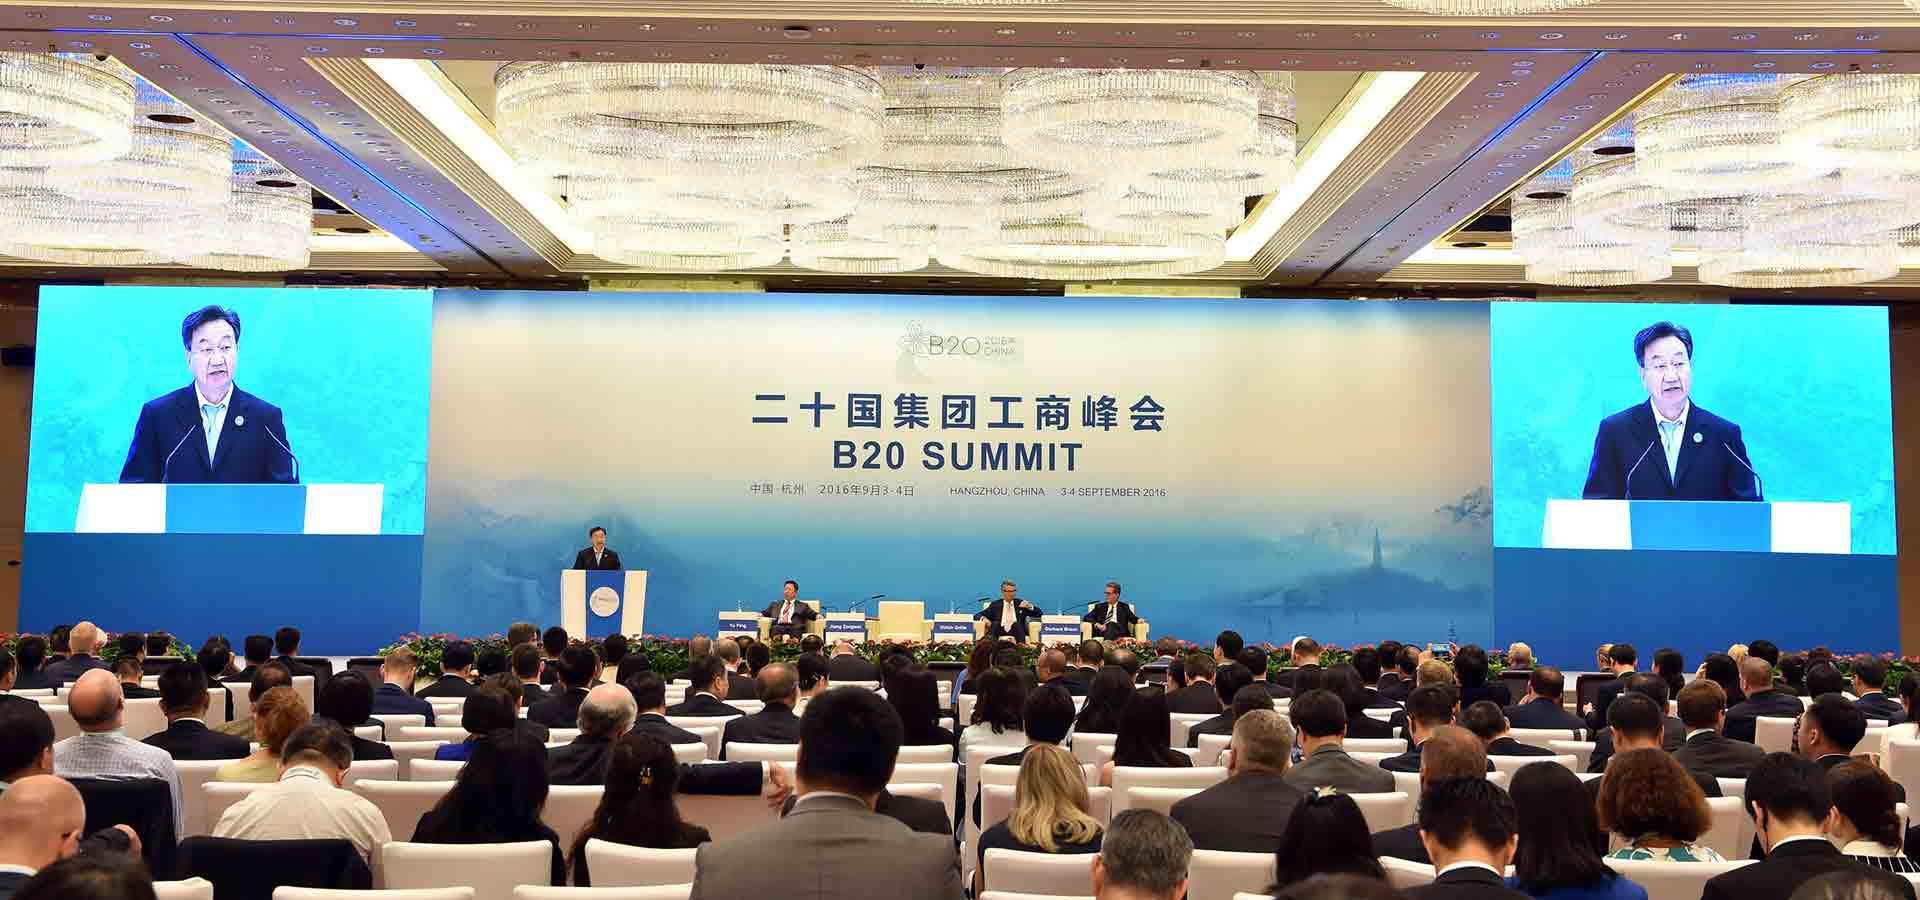 二十國集團工商峰會閉幕